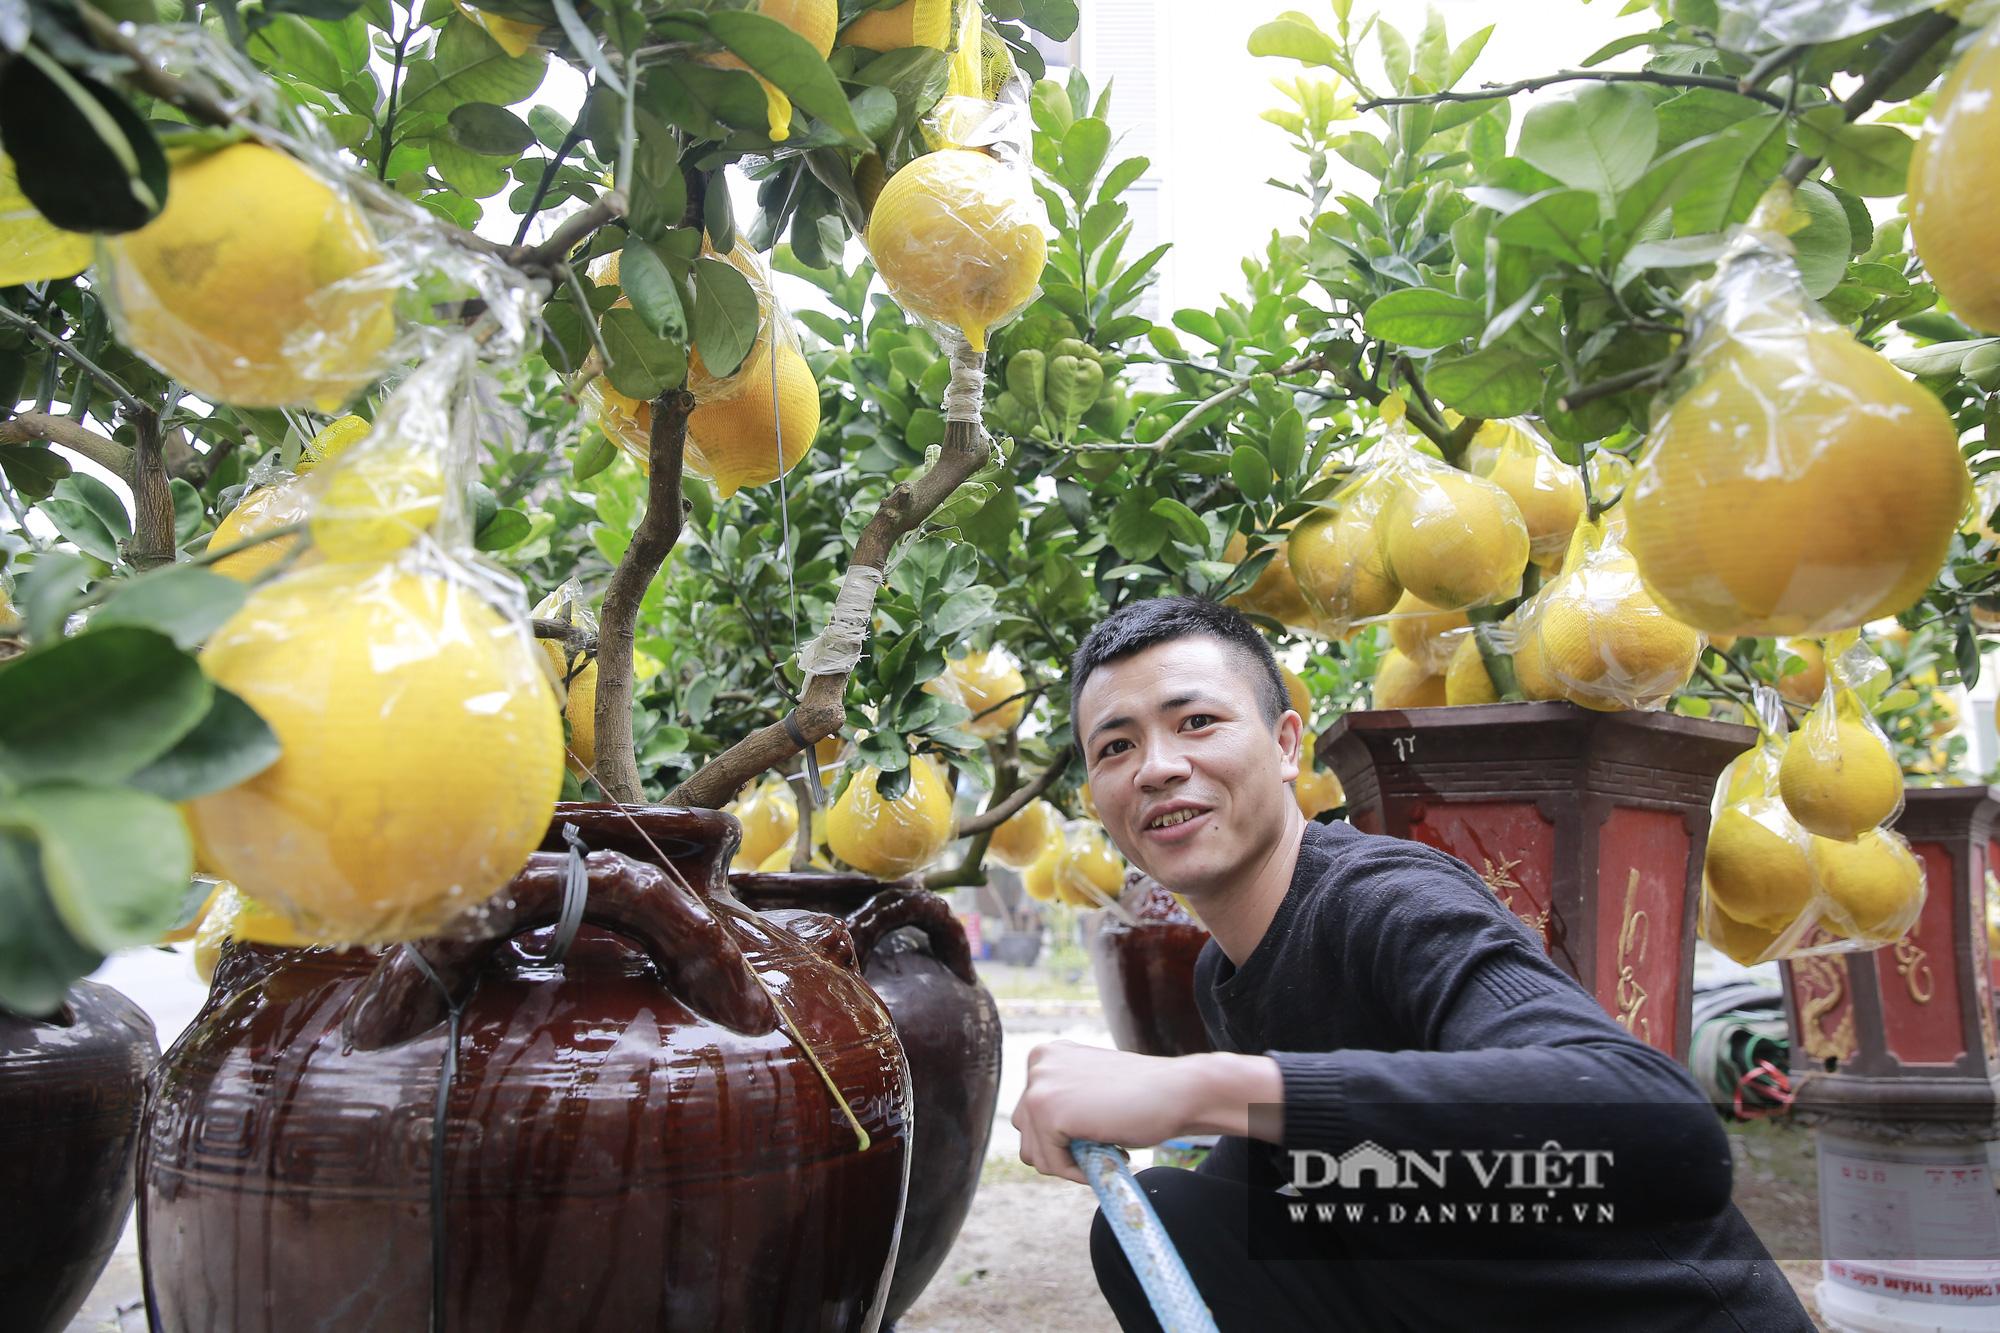 Bưởi cảnh trĩu quả giá chục triệu xuất hiện tại đường phố Hà Nội - Ảnh 11.